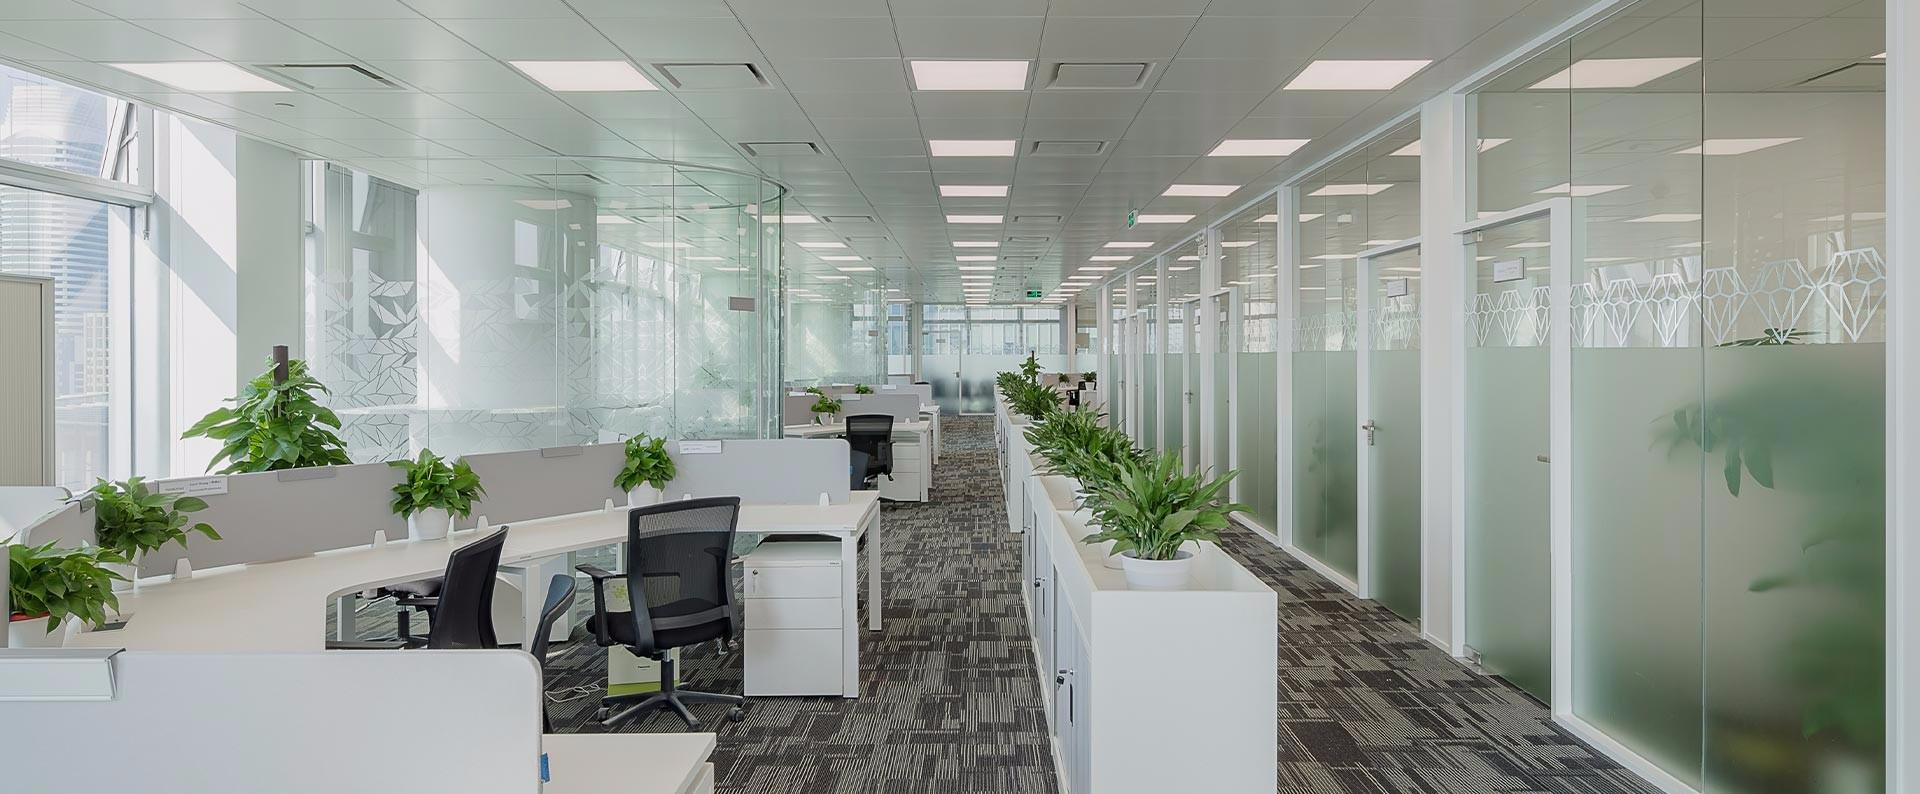 施华洛世奇办公空间设计装修